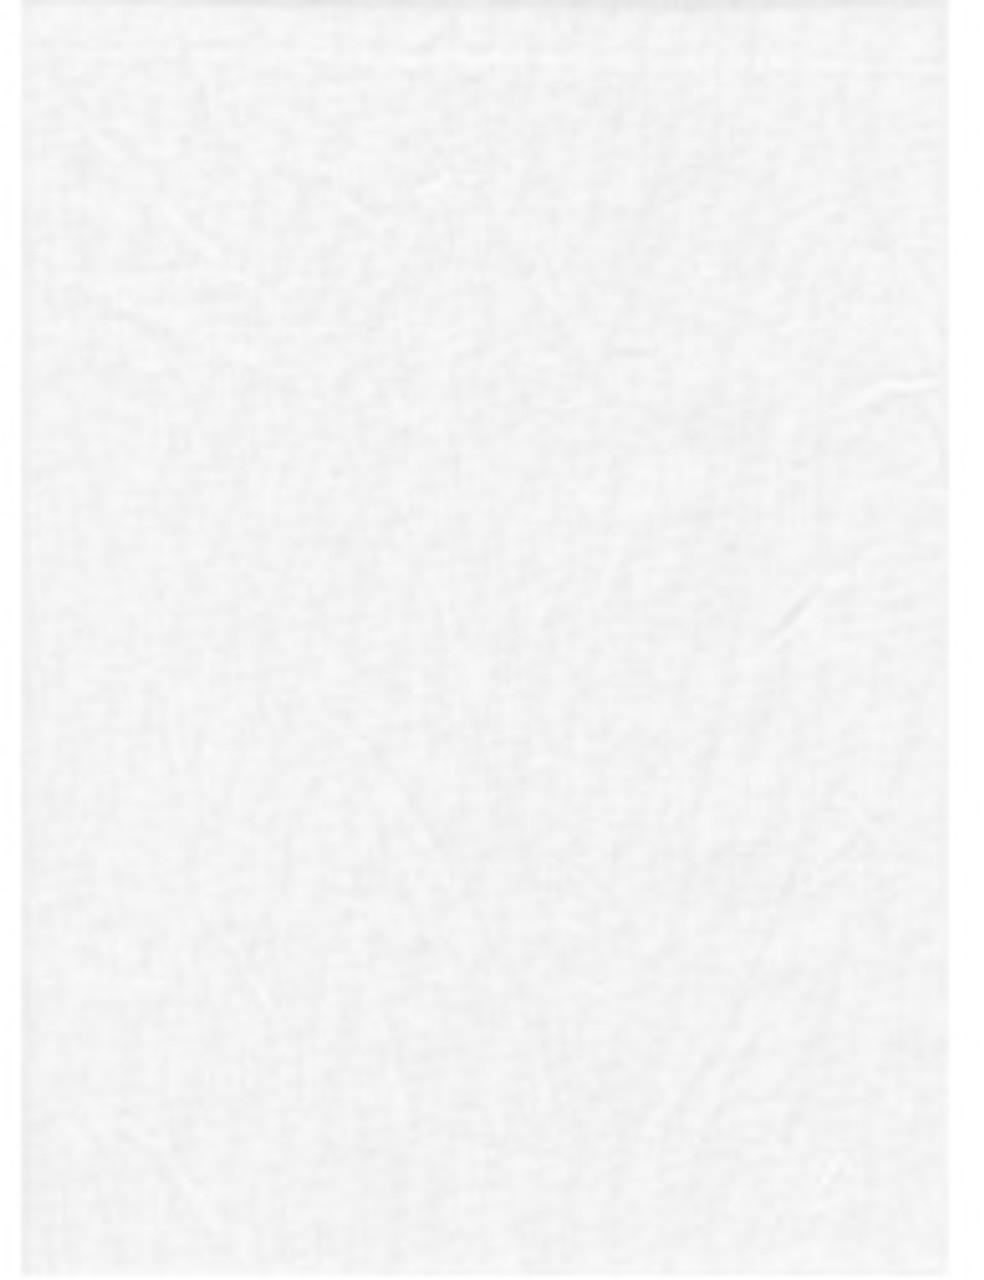 ProMaster Solid Studio Backdrop 10' x 12' White